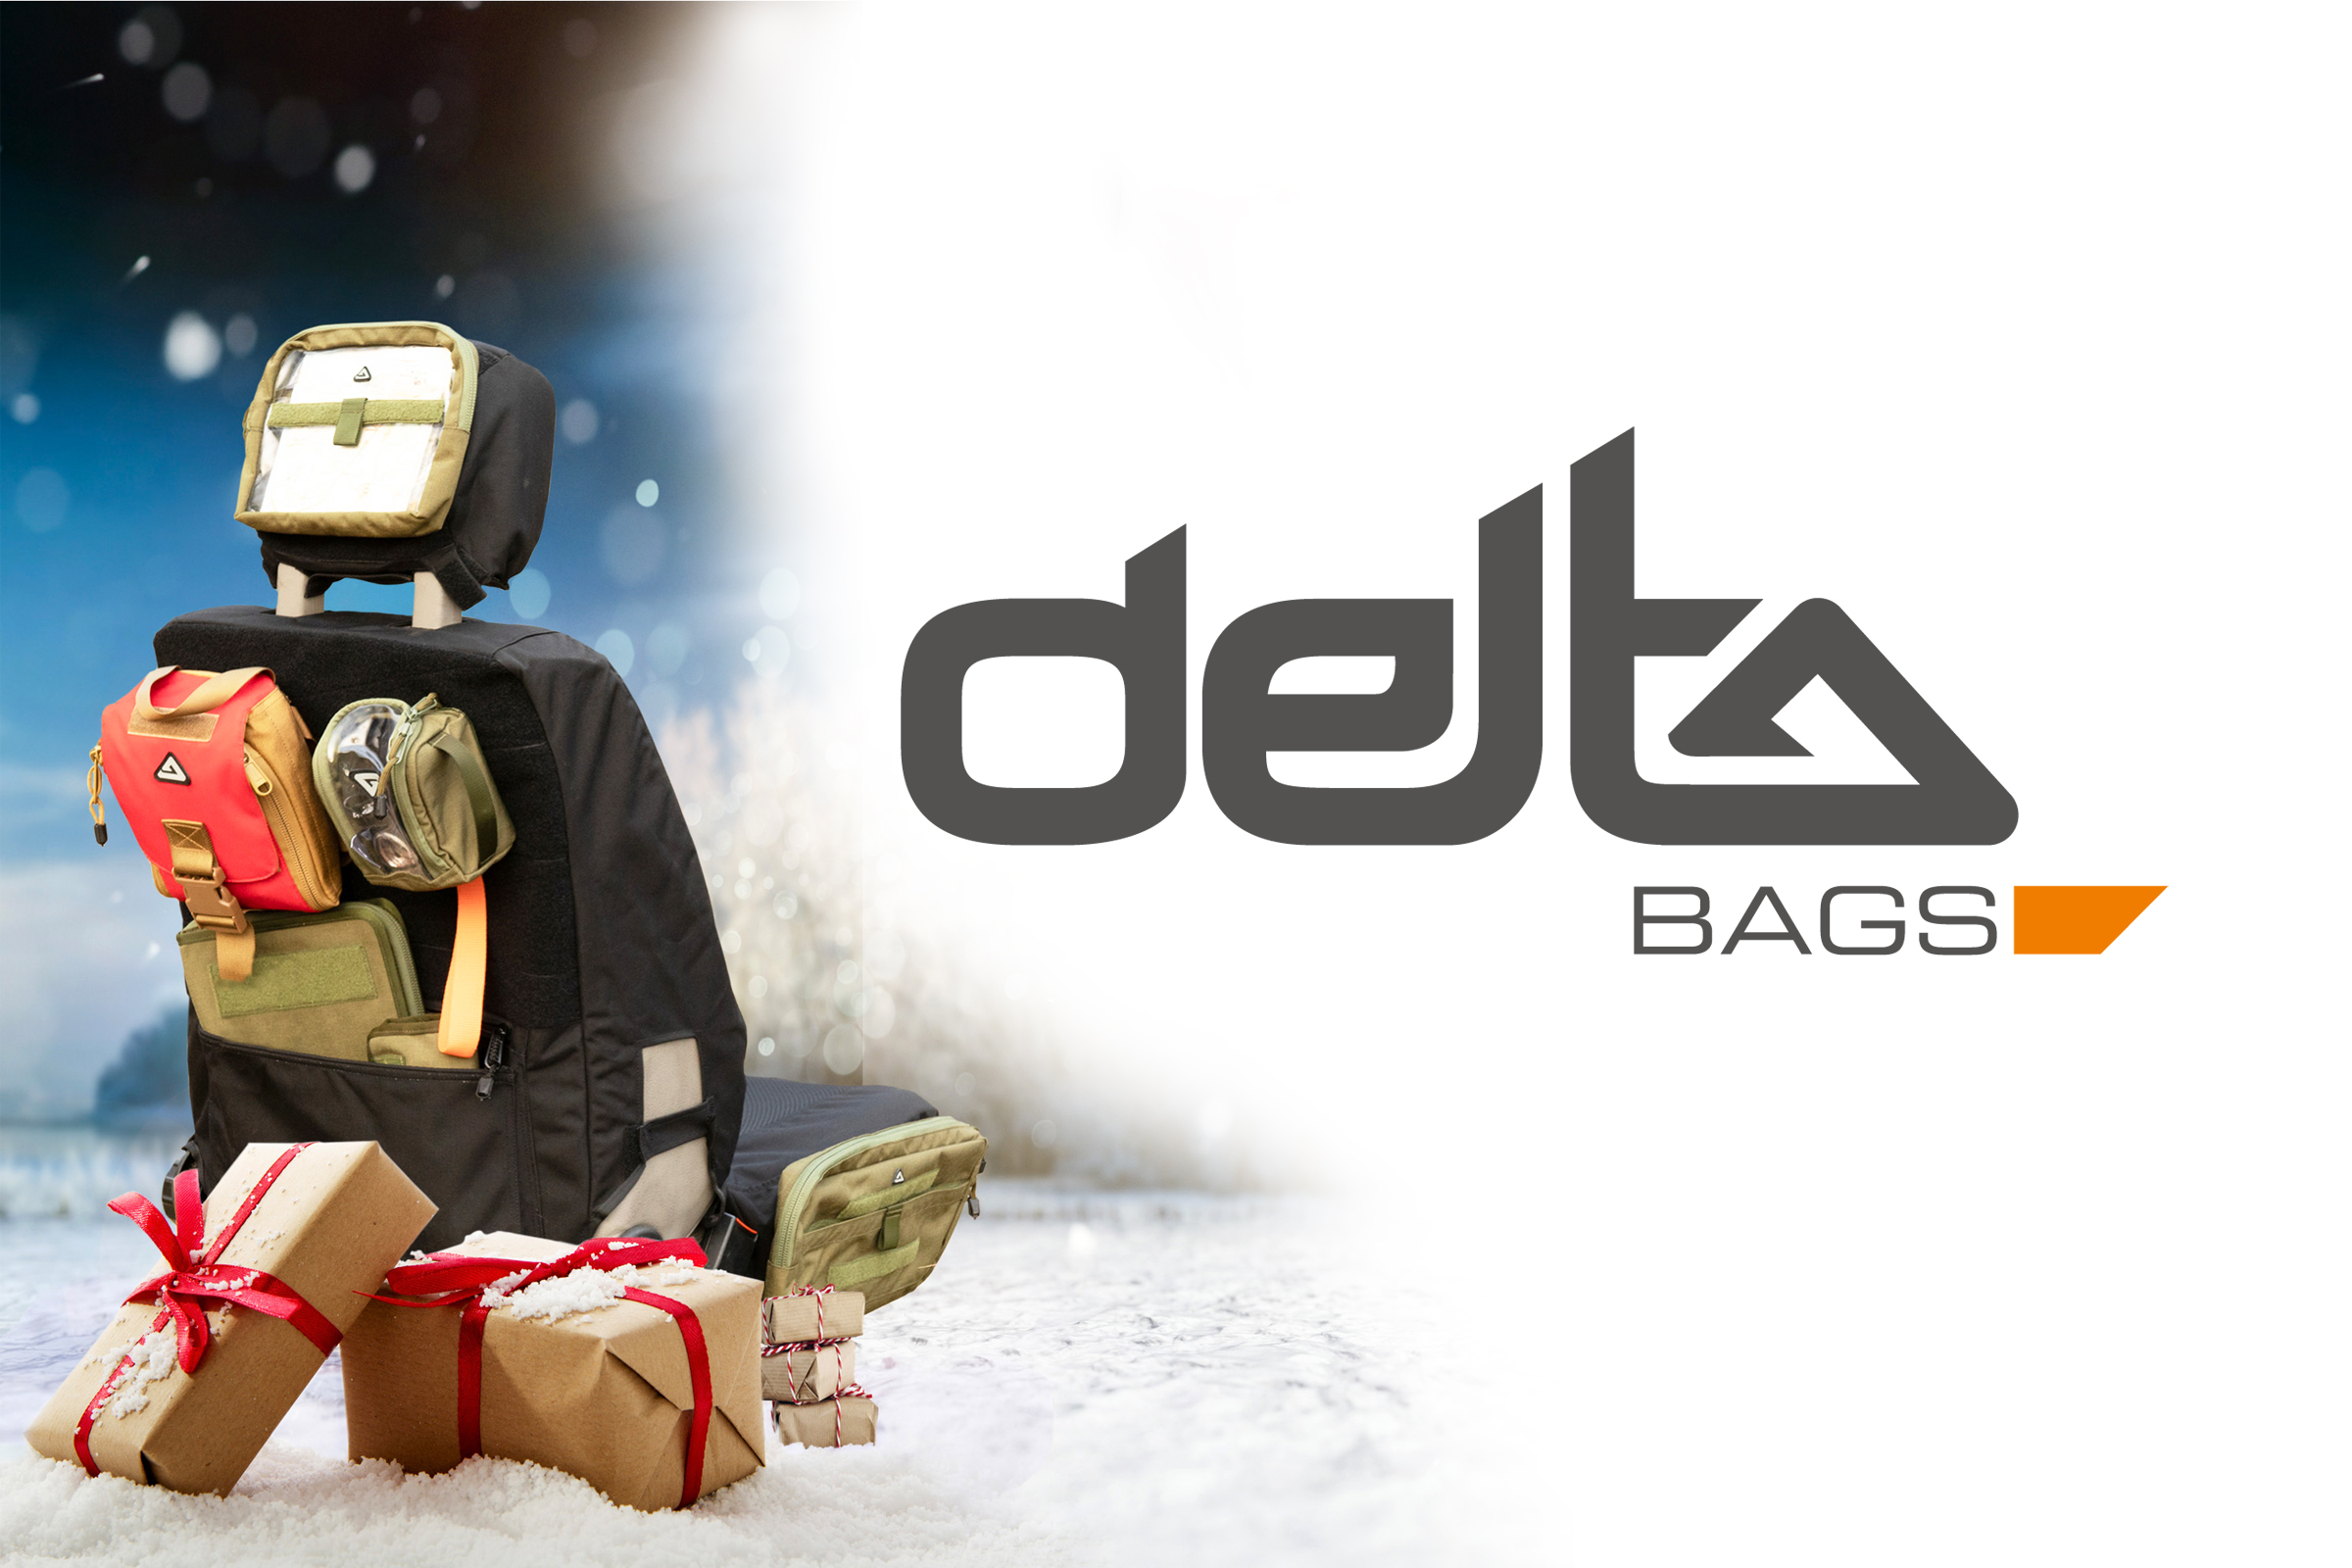 Delta Bags Seat Cover Sitzbezug Defender - Mercedes G - Amarok